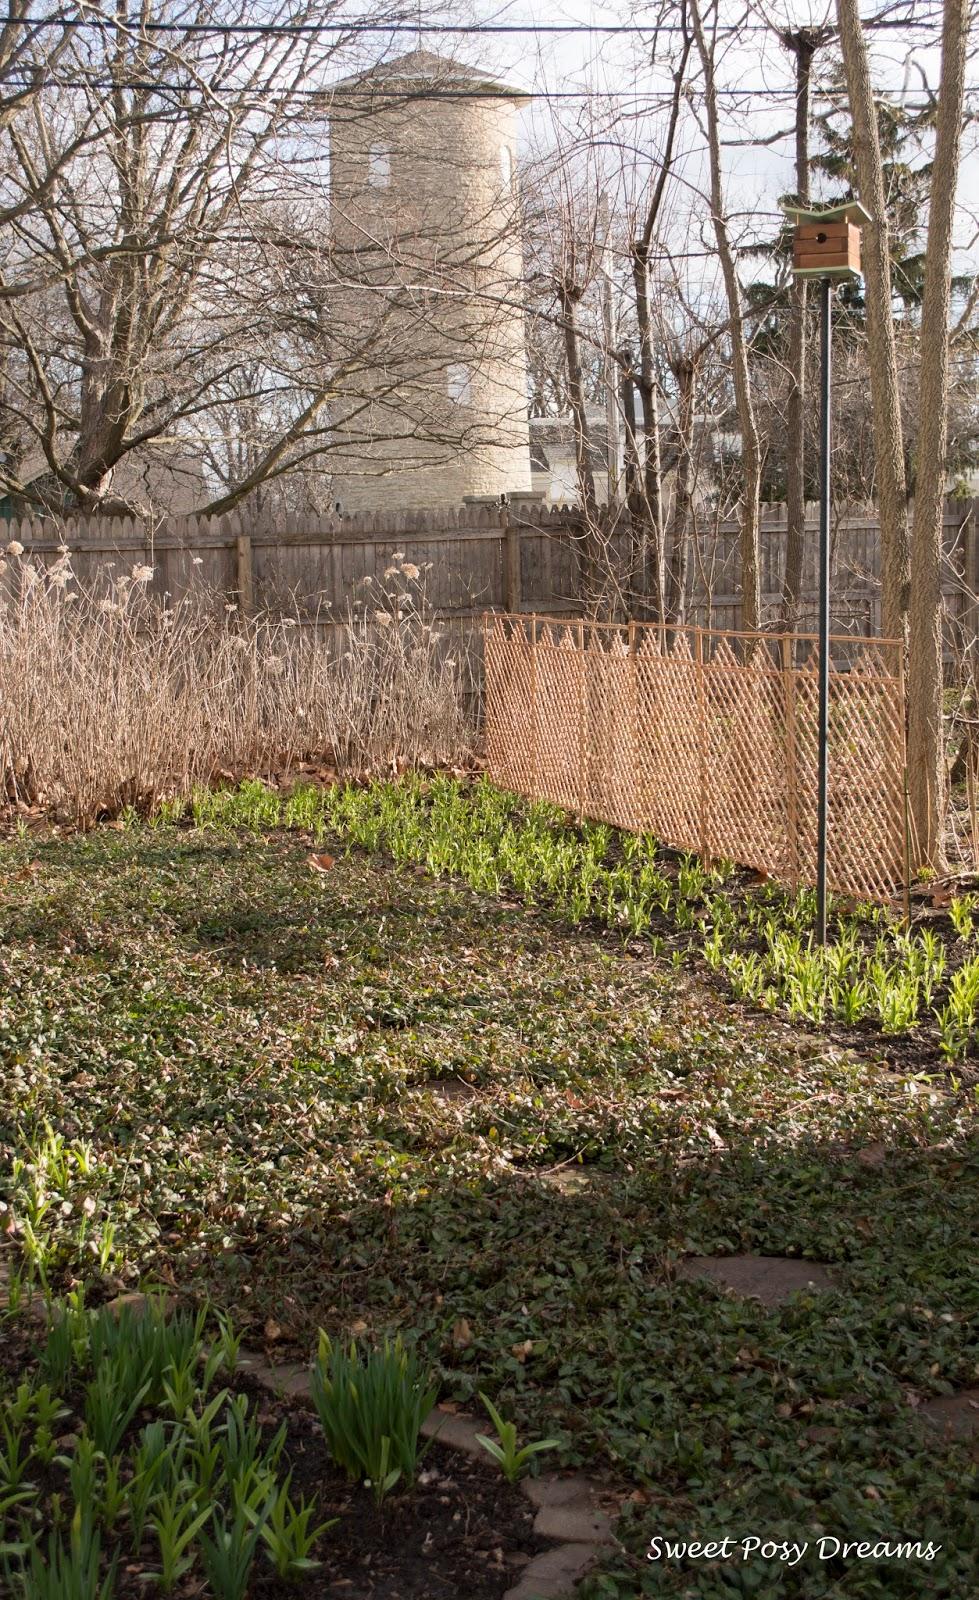 Sweet Posy Dreams: Garden Time Approaches